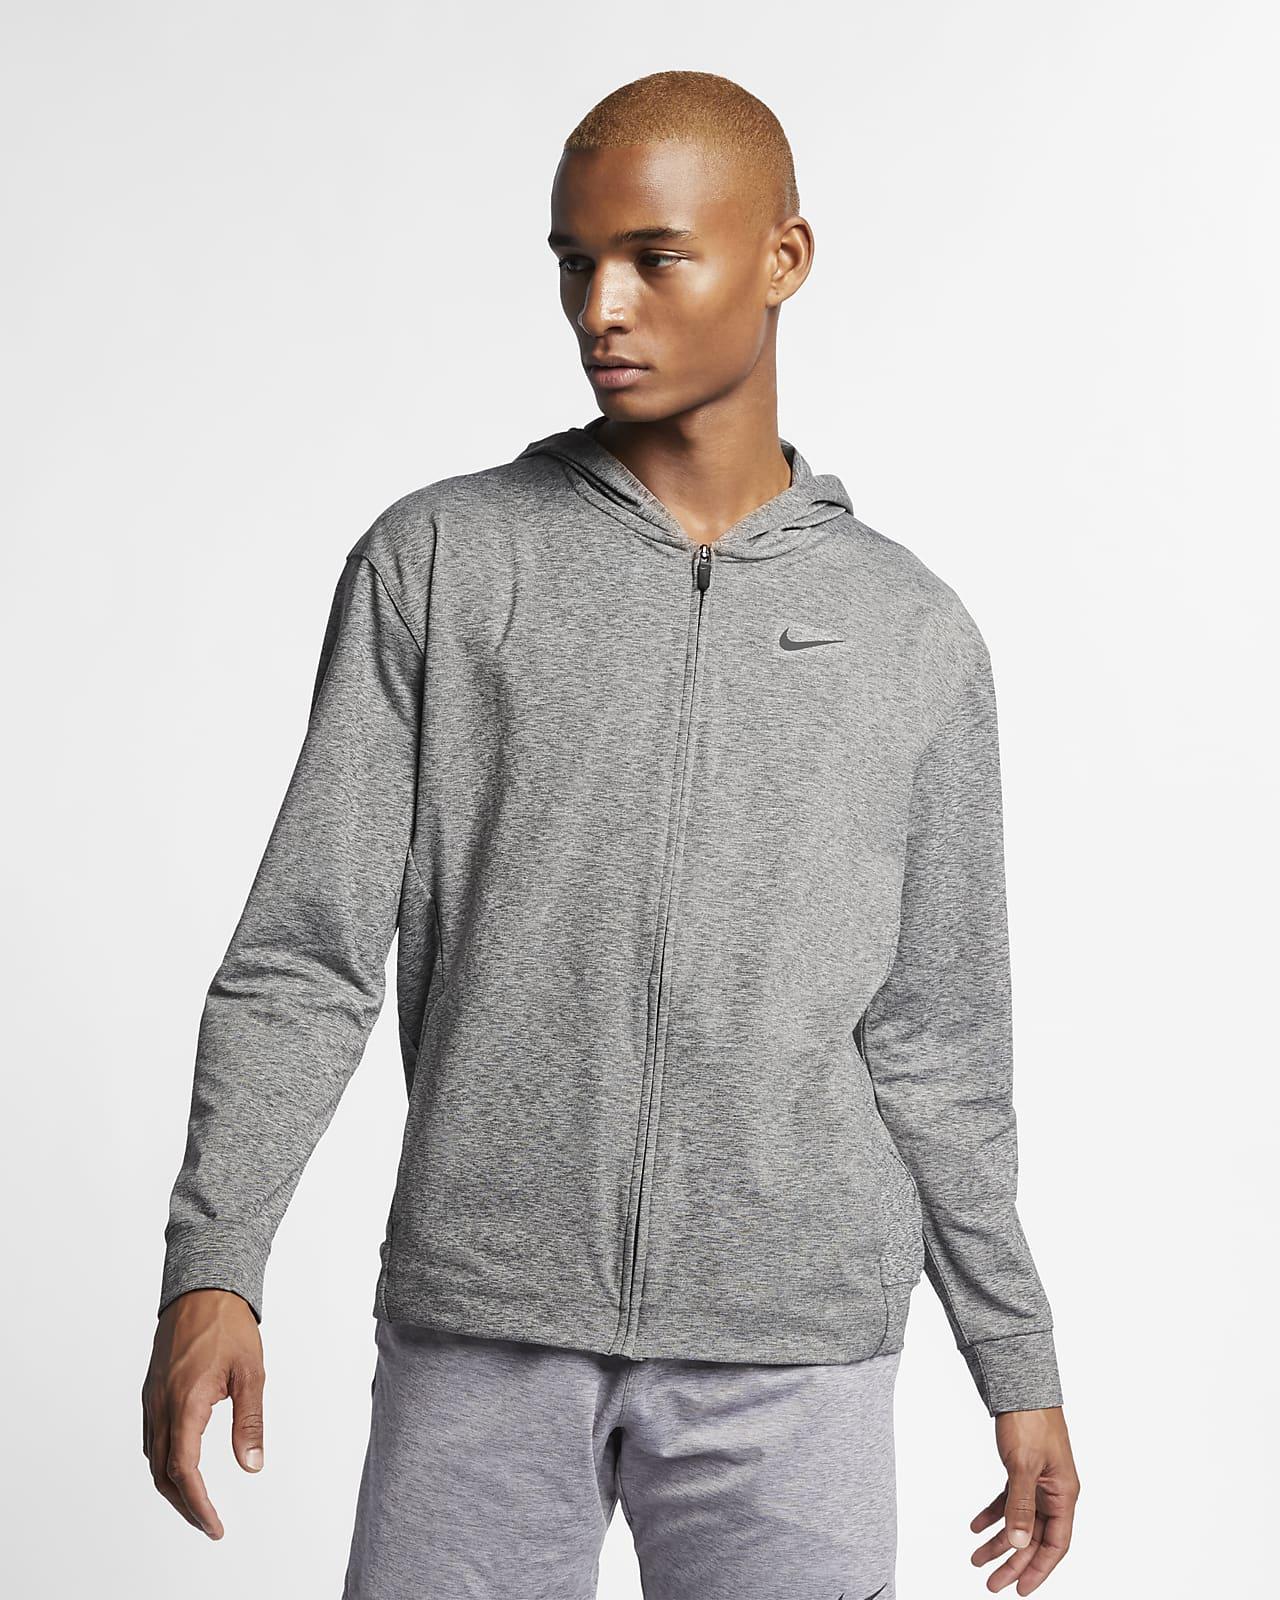 Sudadera de entrenamiento de yoga con capucha y cierre completo para hombre Nike Dri-FIT